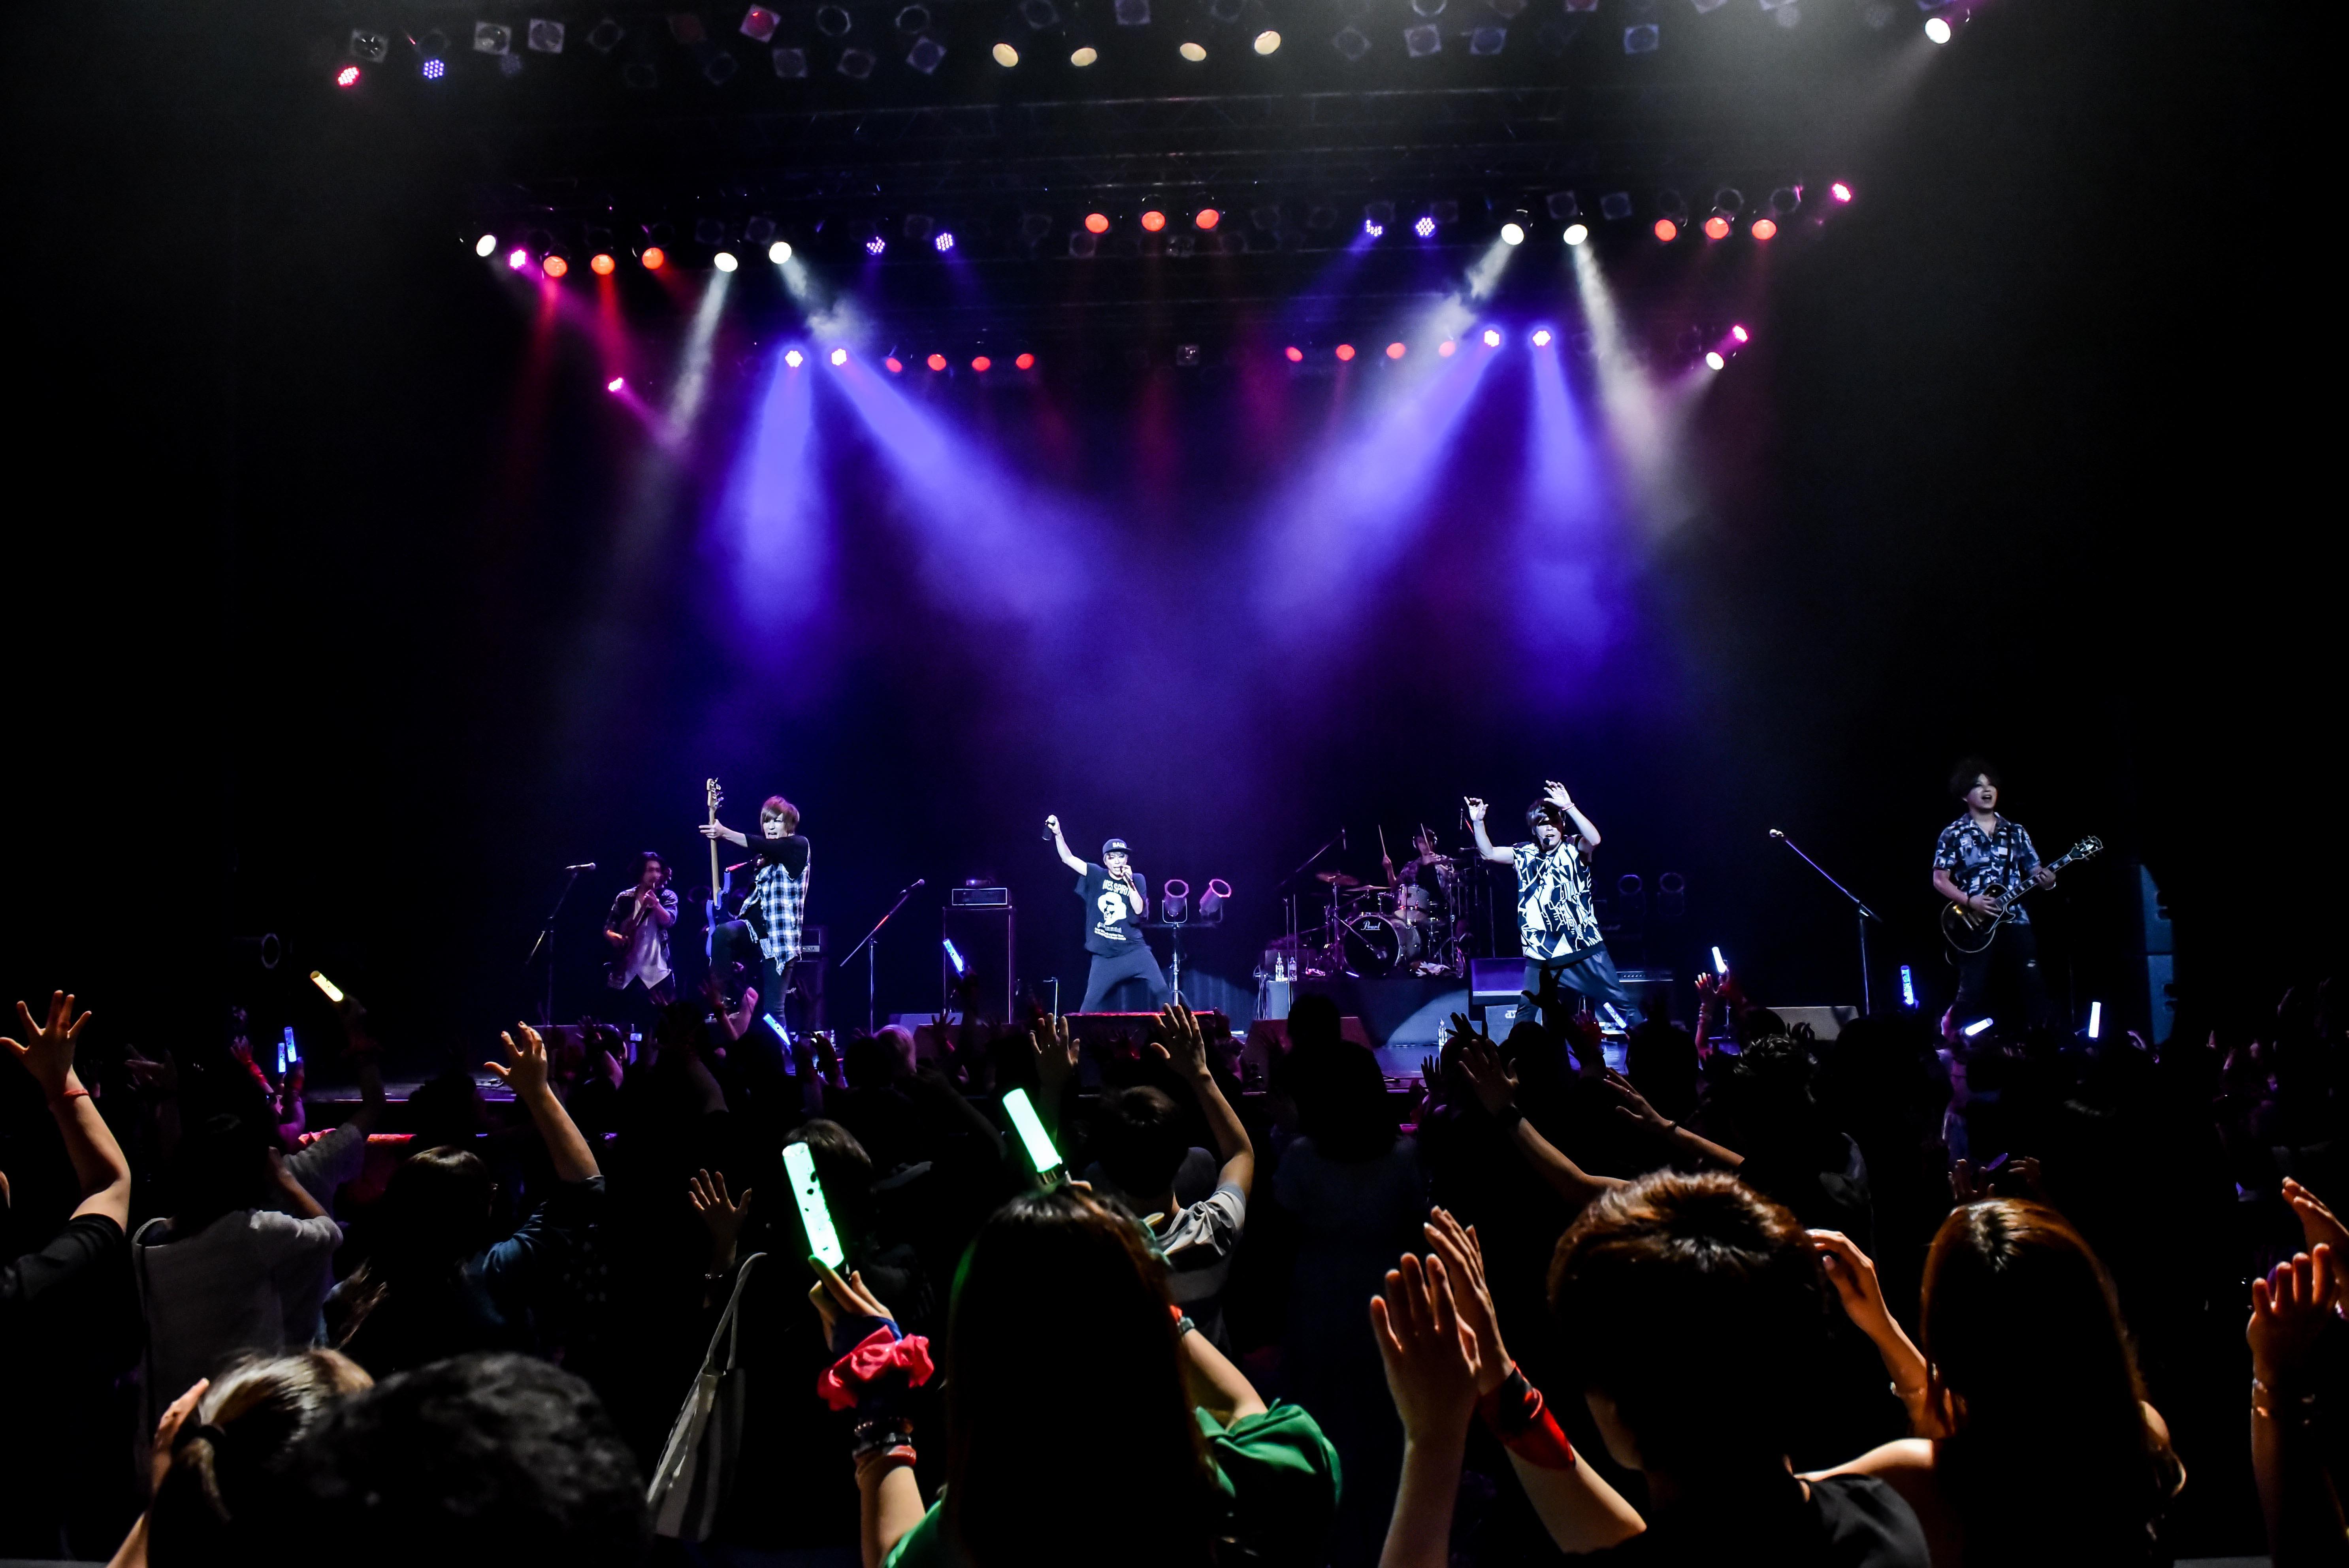 http://news.yoshimoto.co.jp/20180727234930-e88041905b9e01f4e2d54fb8cd8bdfb0a5d35e7a.jpg